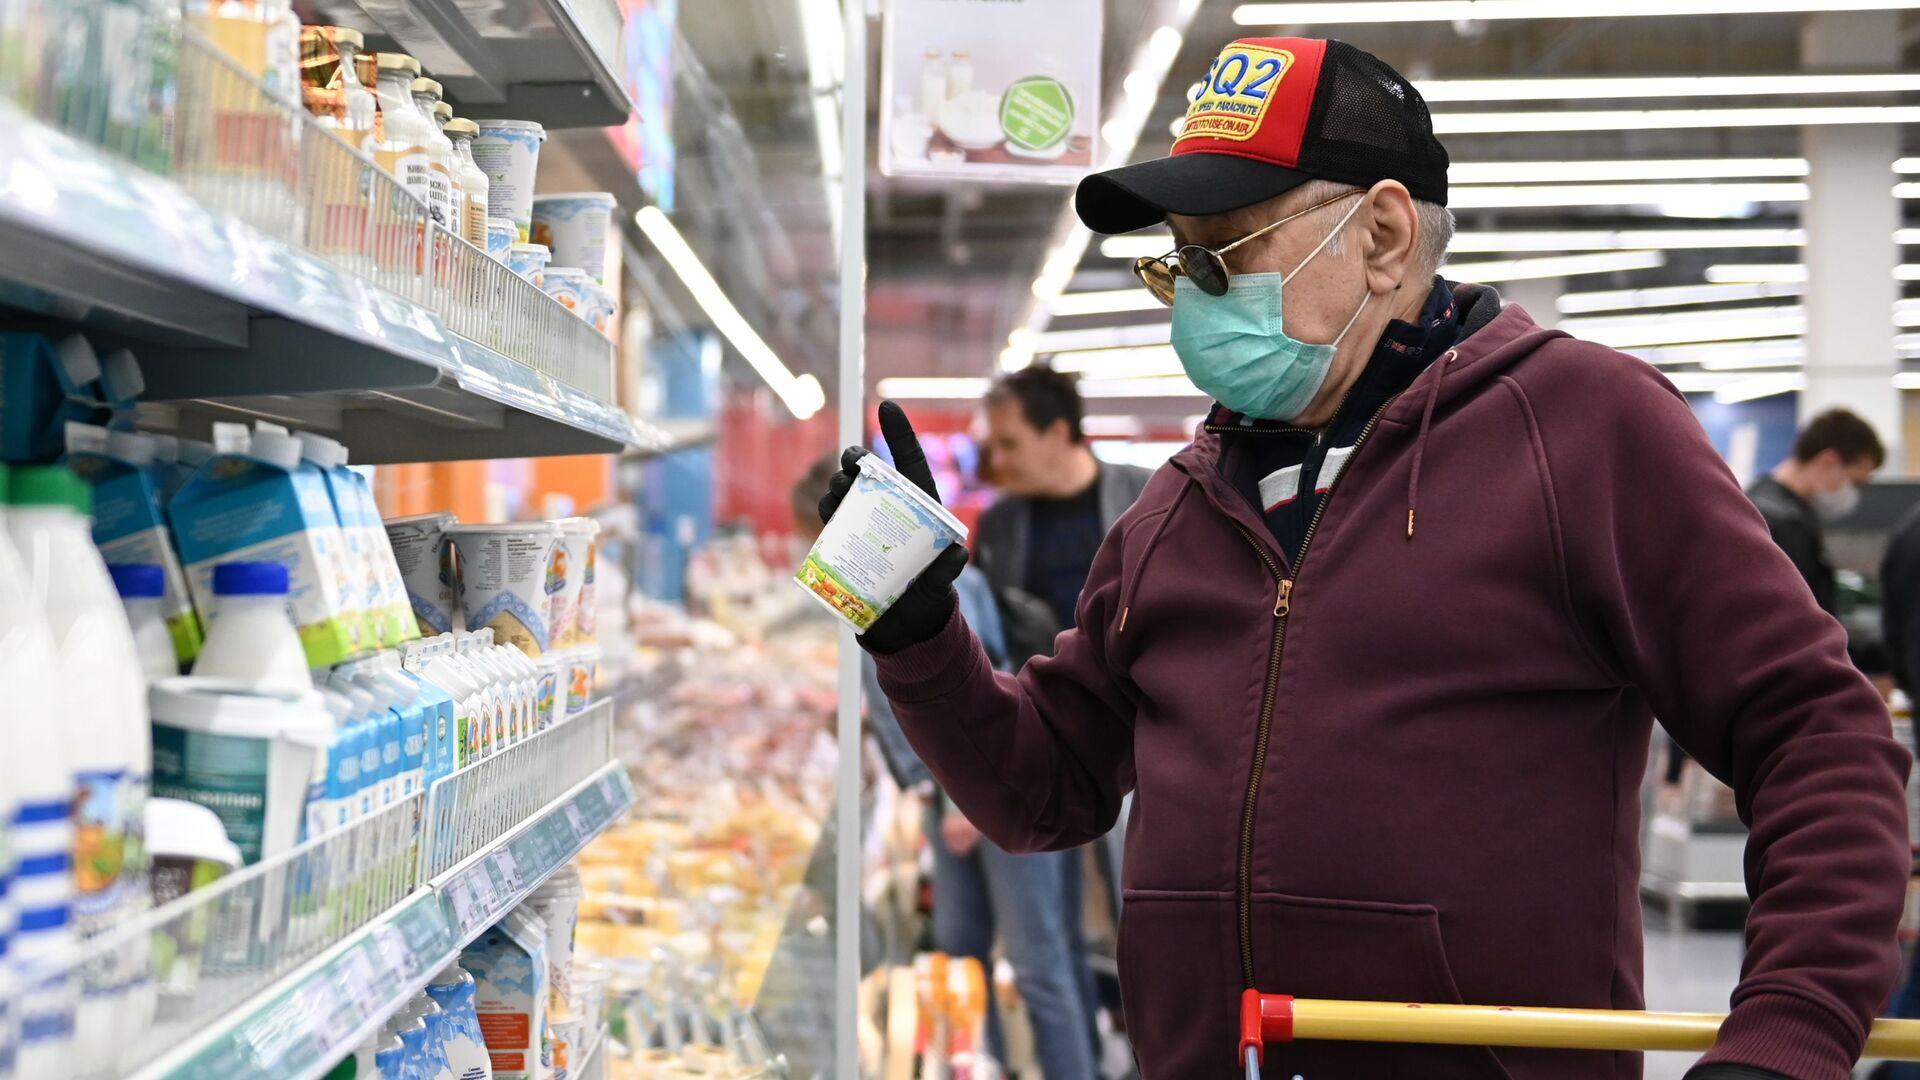 Мужчина покупает продукты в гипермаркете Магнит - Sputnik Беларусь, 1920, 17.09.2021